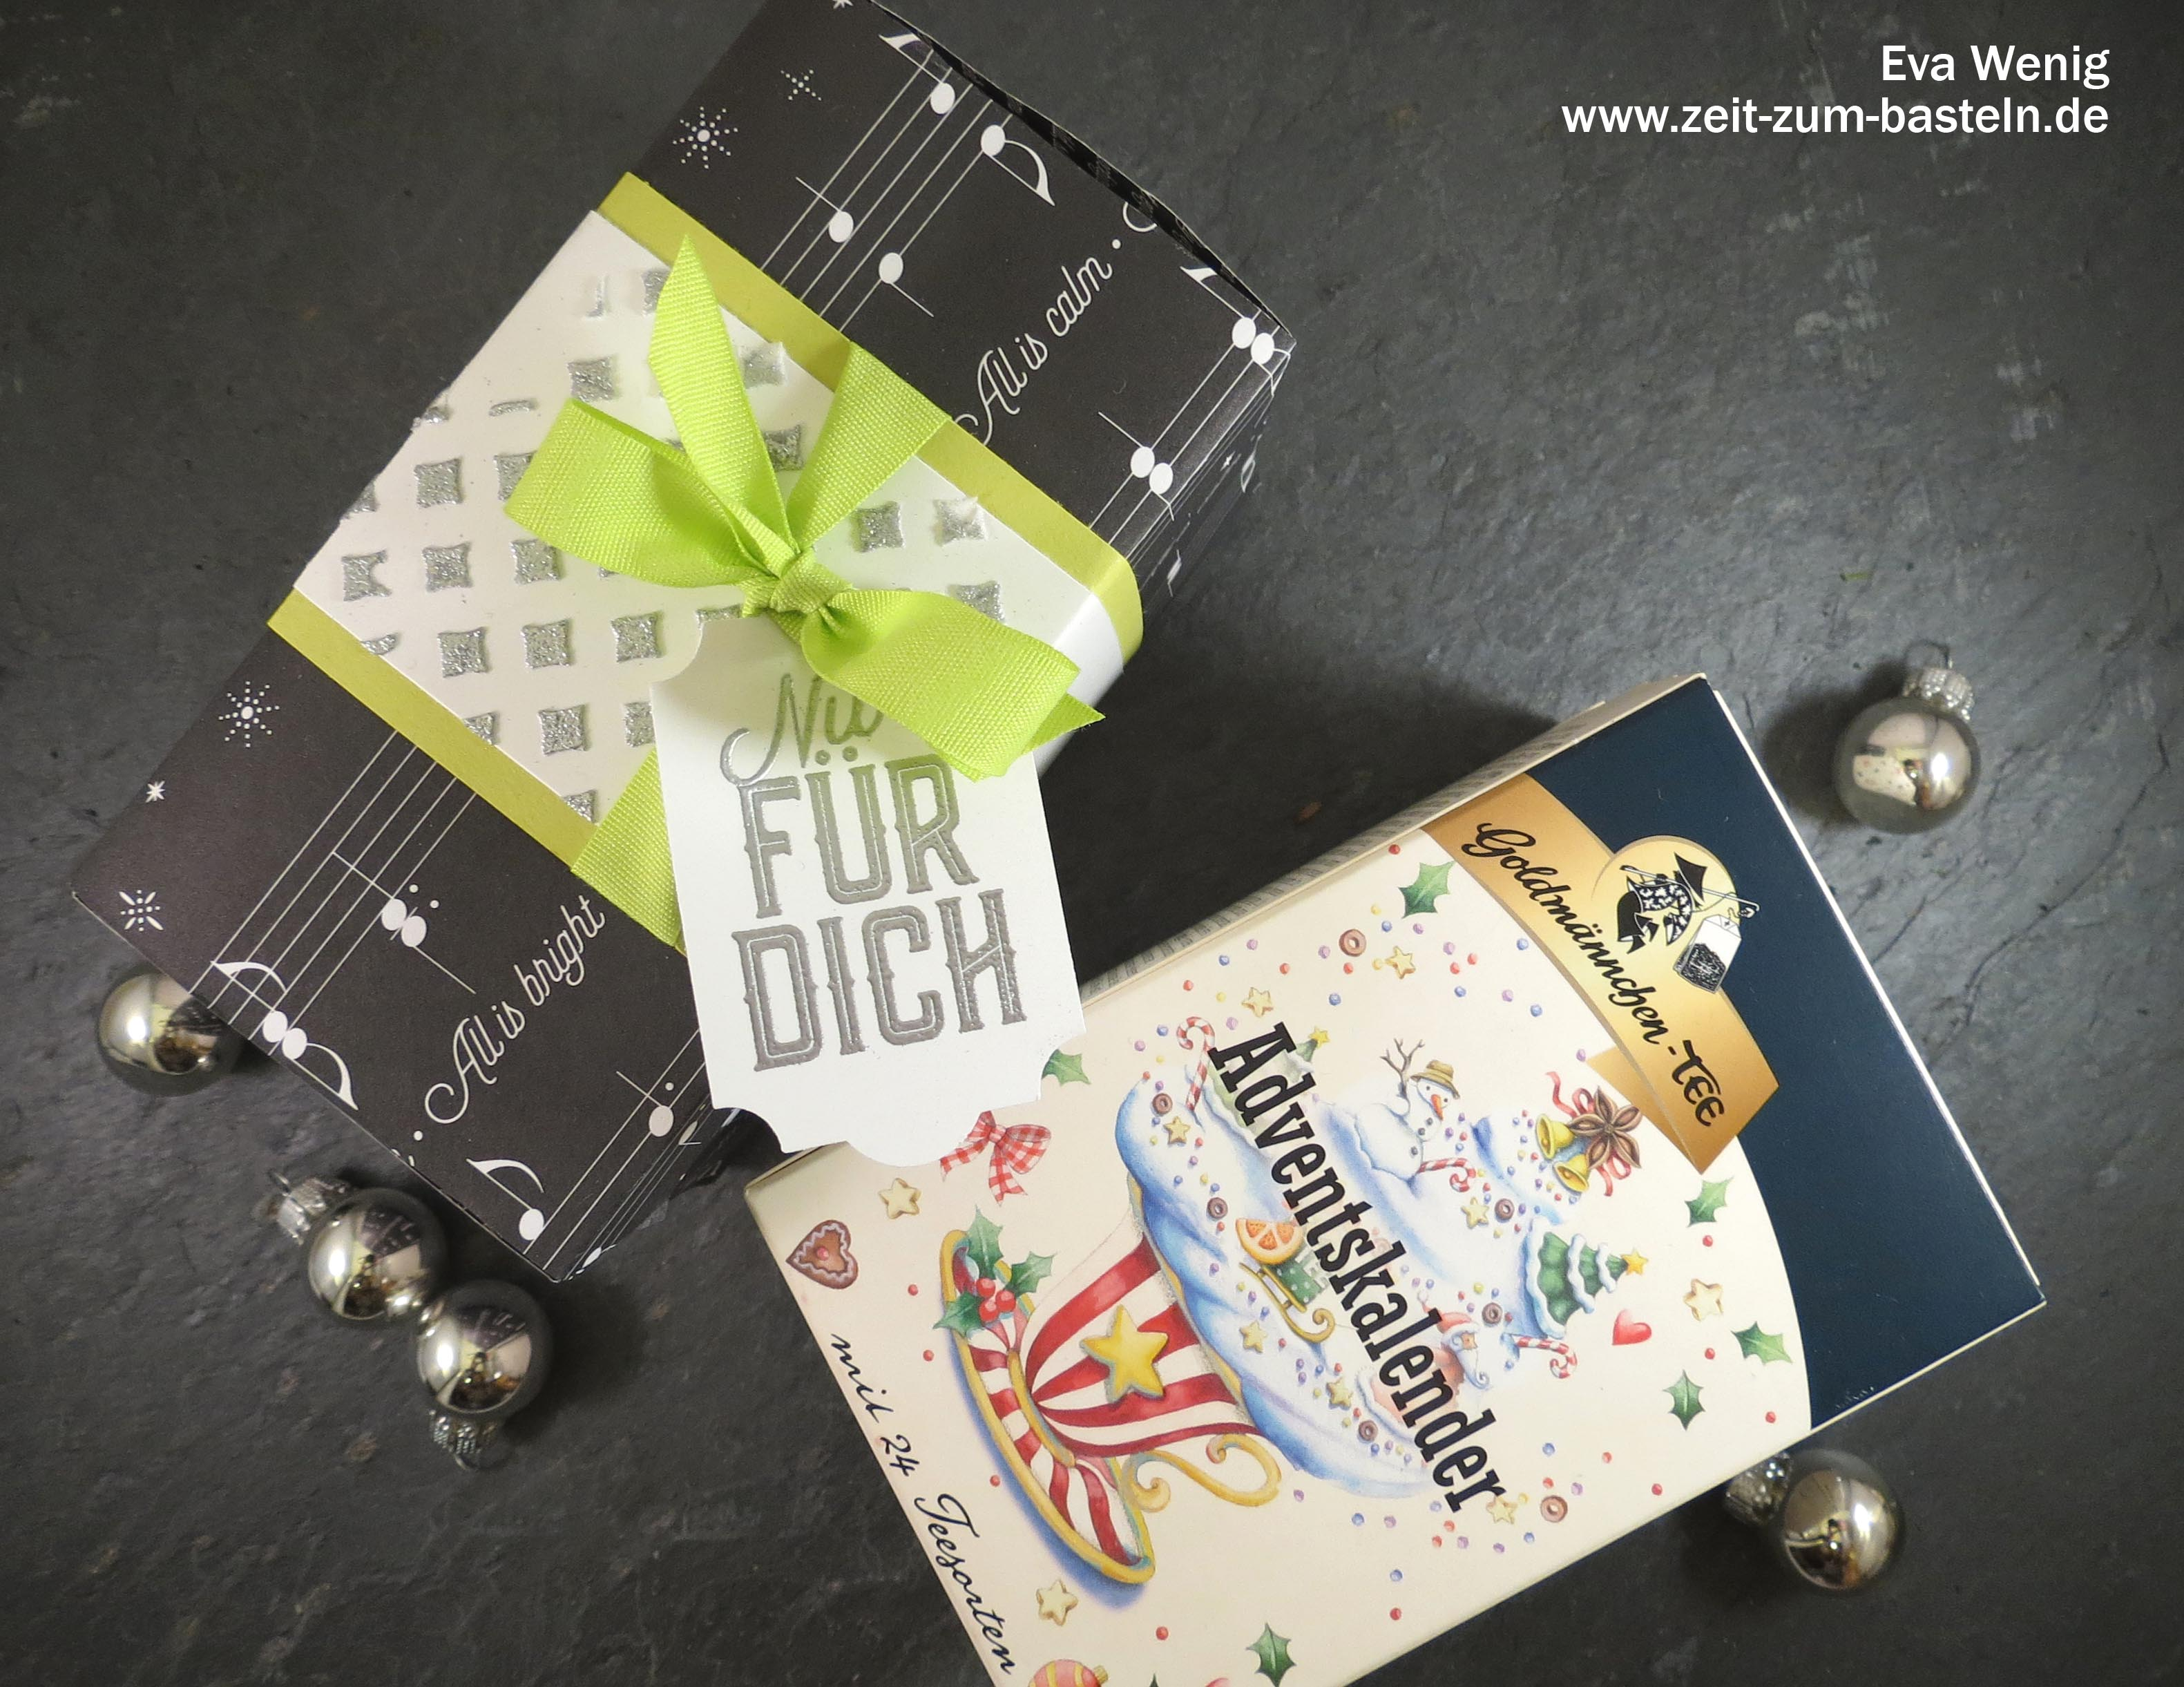 Tee Adventskalender - Stampin Up (Weihnachtliche Etiketten) - www.zeit-zum-basteln.de